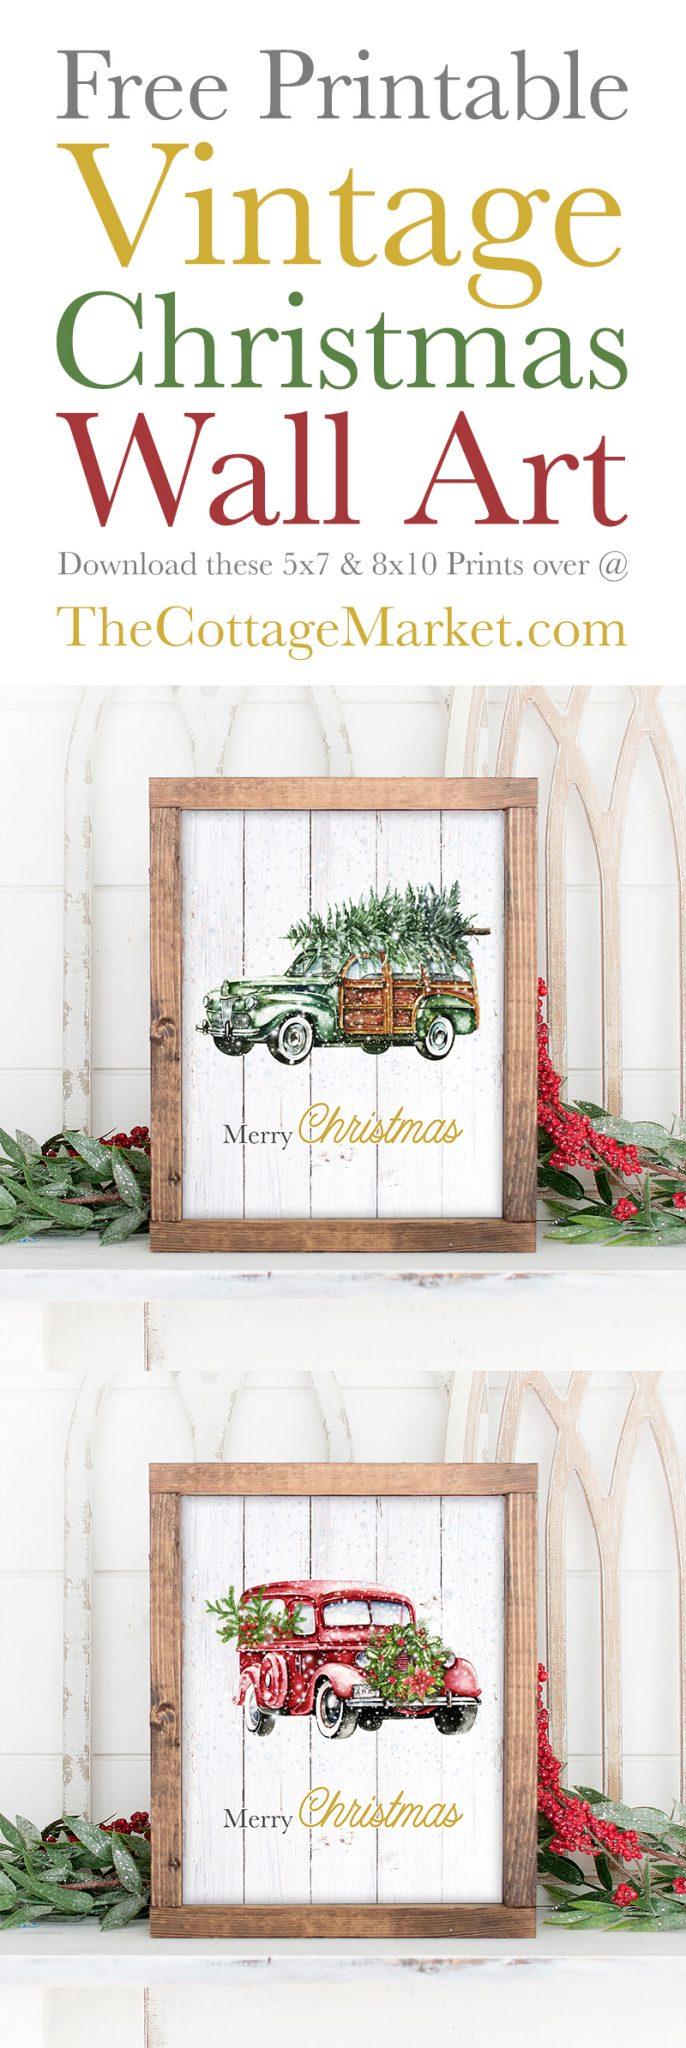 https://thecottagemarket.com/wp-content/uploads/2019/11/tcm-christmas-truck-t-1.jpg